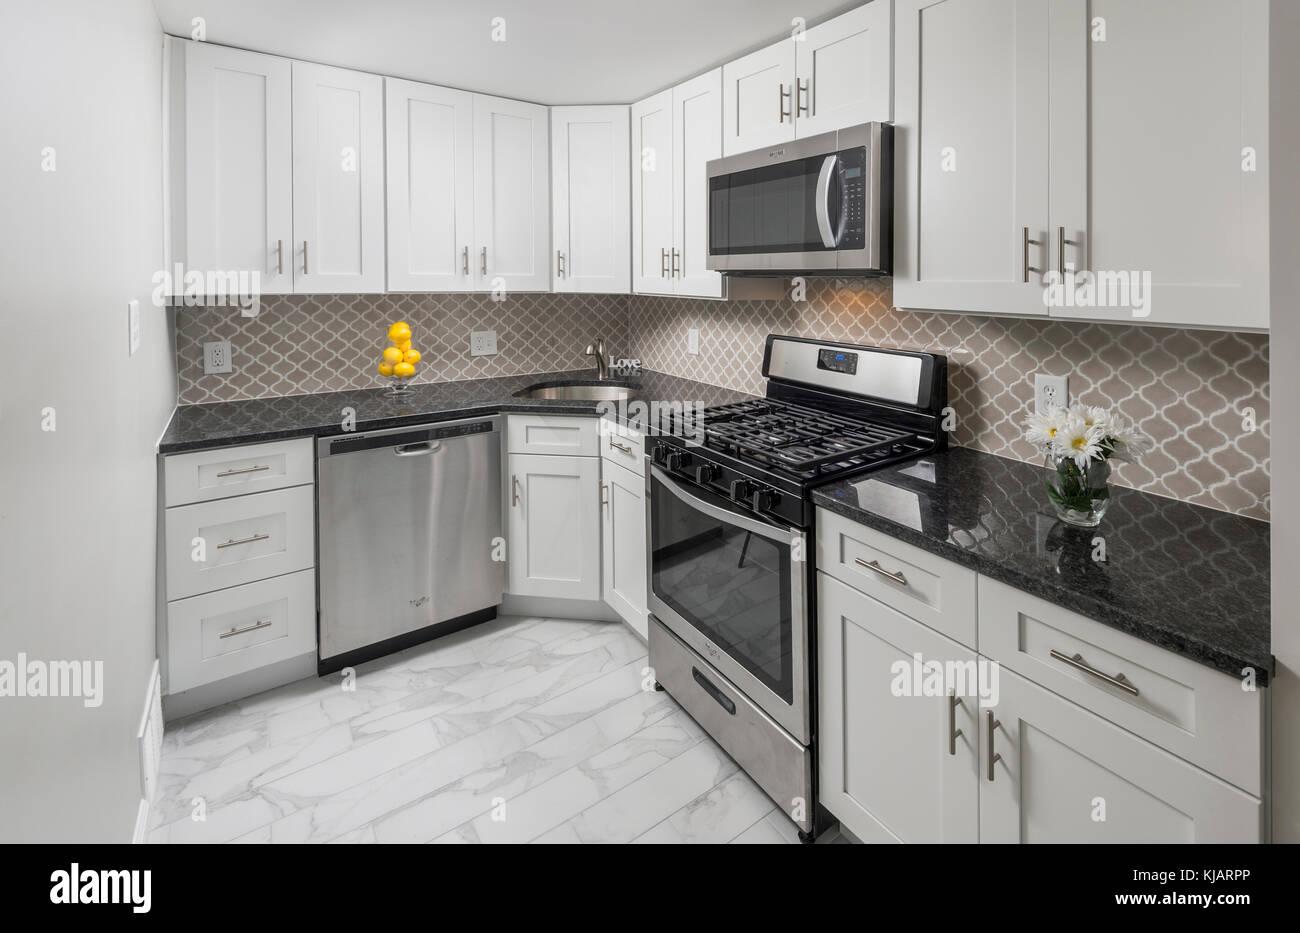 Weiße Küche Innenraum Stockbild